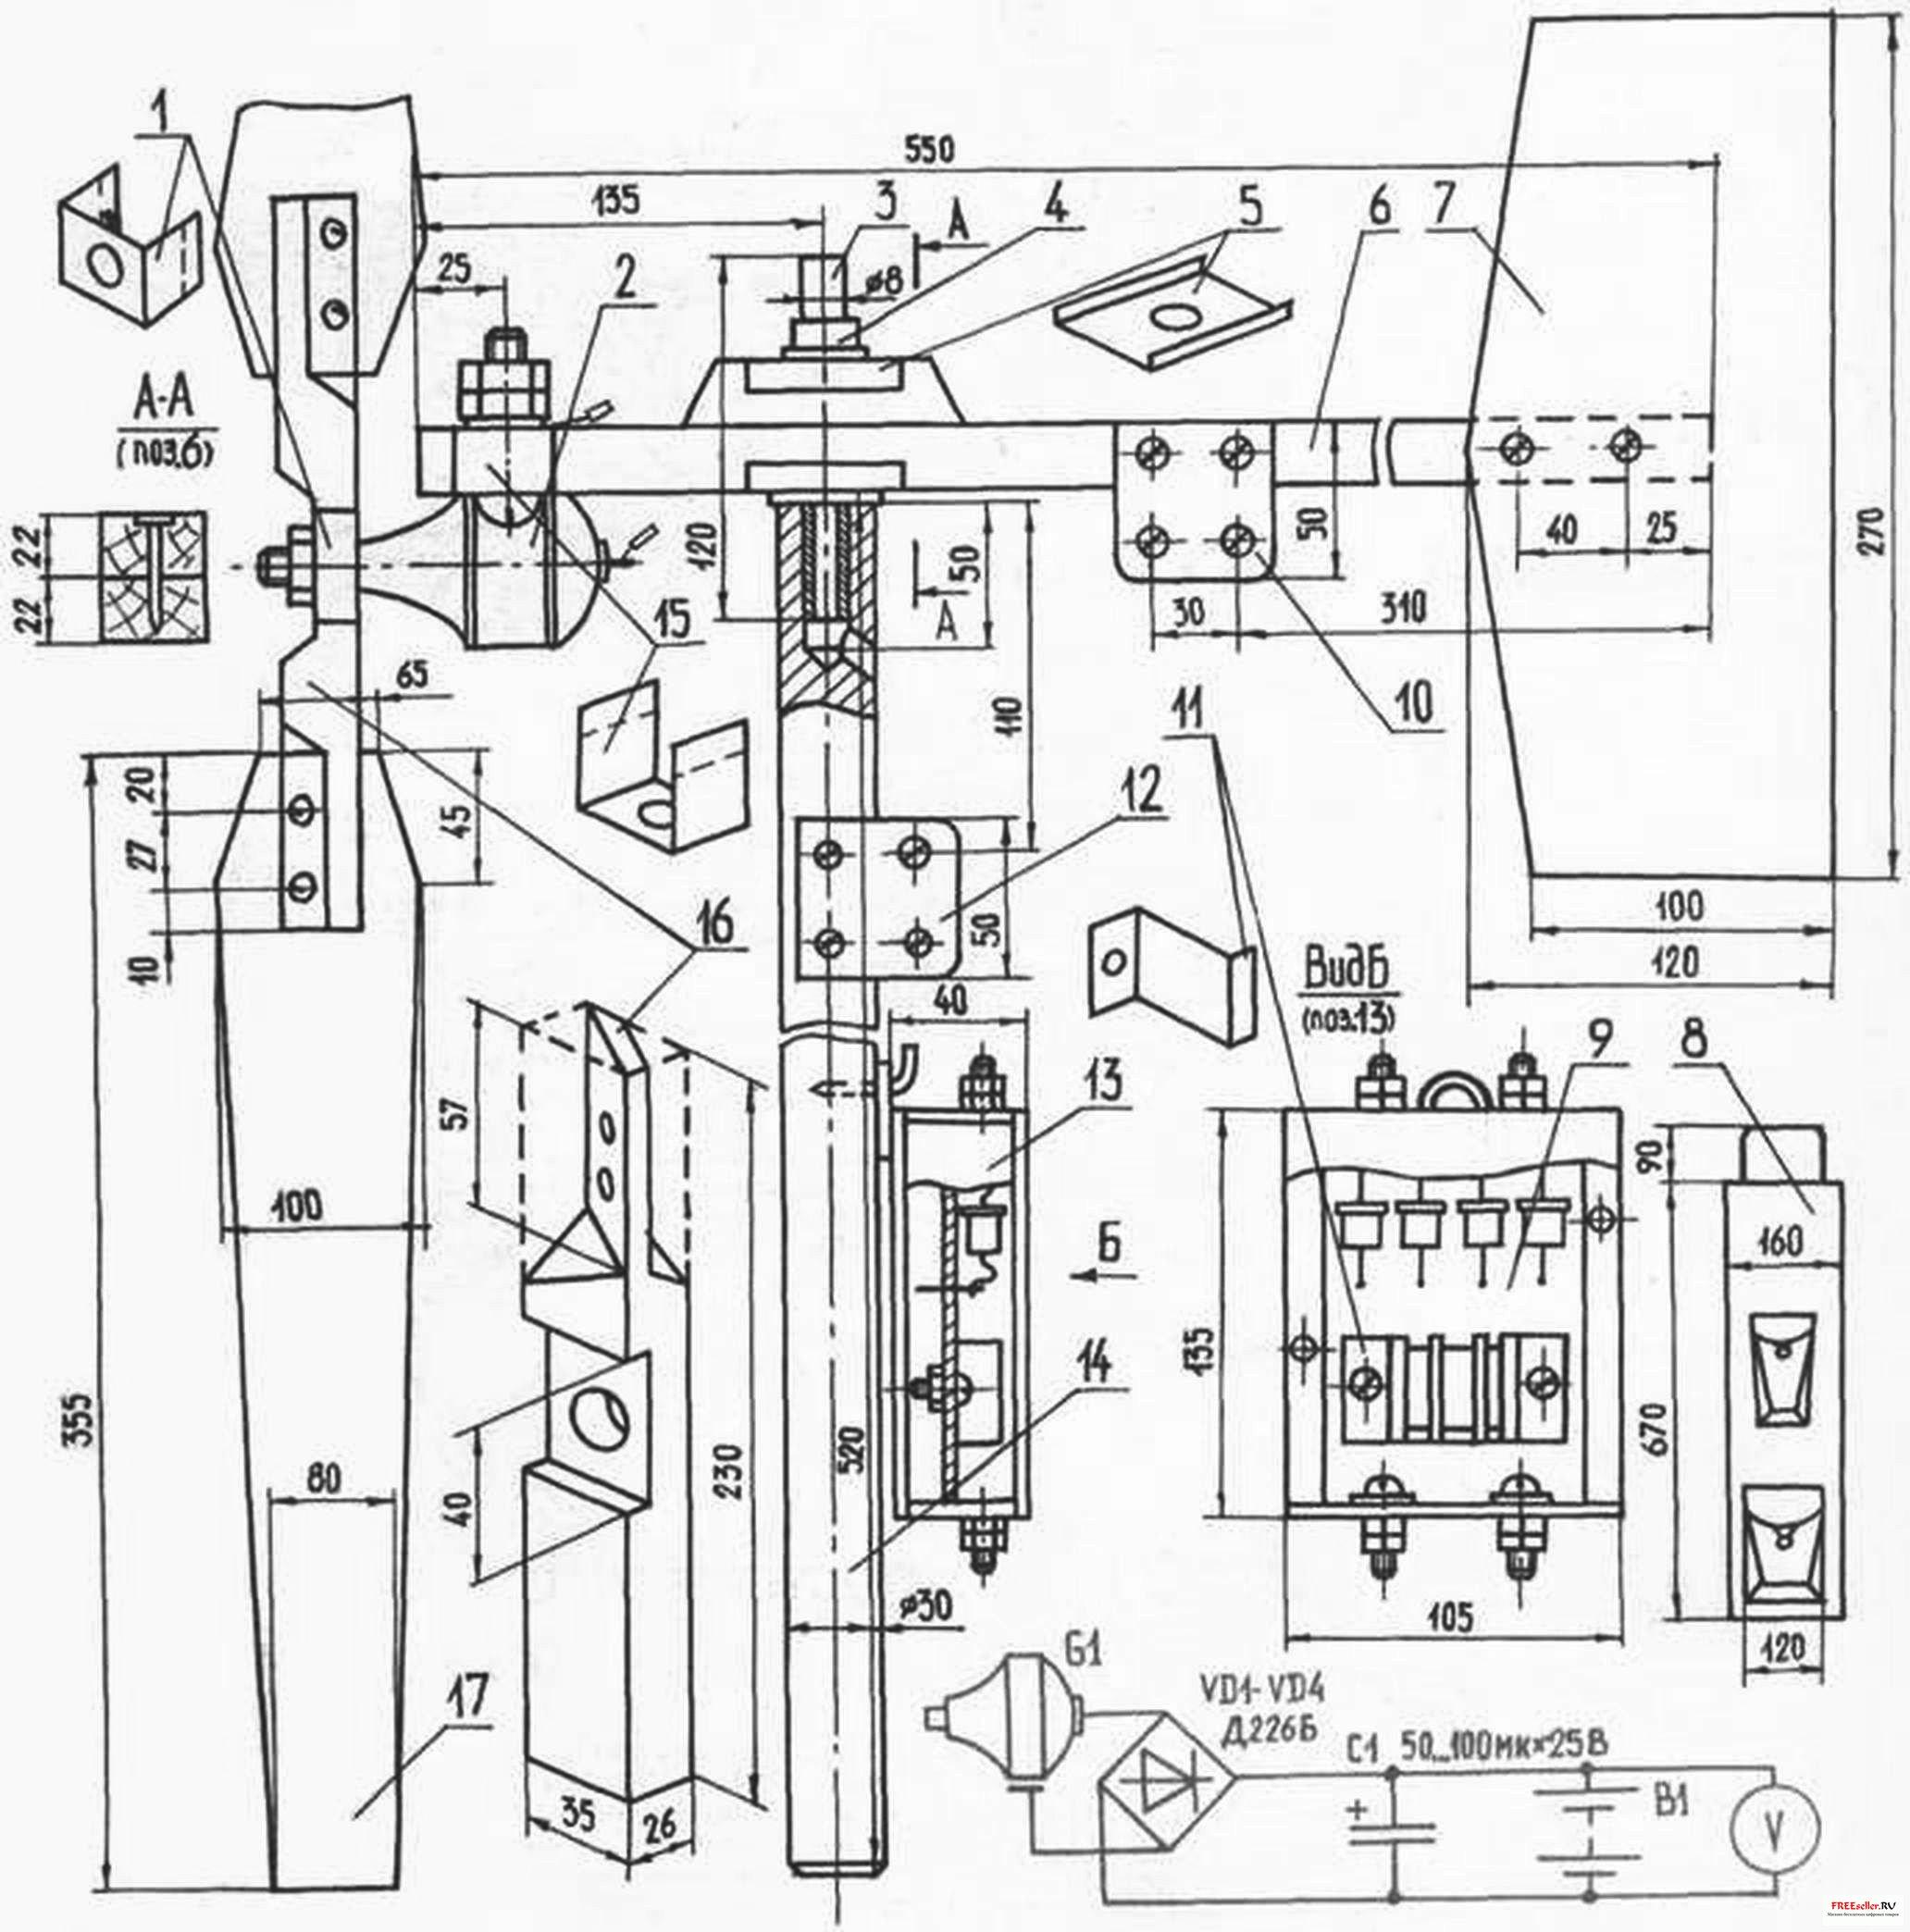 ...2 - генератор, 3 - трубка, 4 - резиновое кольцо, б - штанга, 7 - хвостовик, 8 - чехол, 9 - плата зарядного...